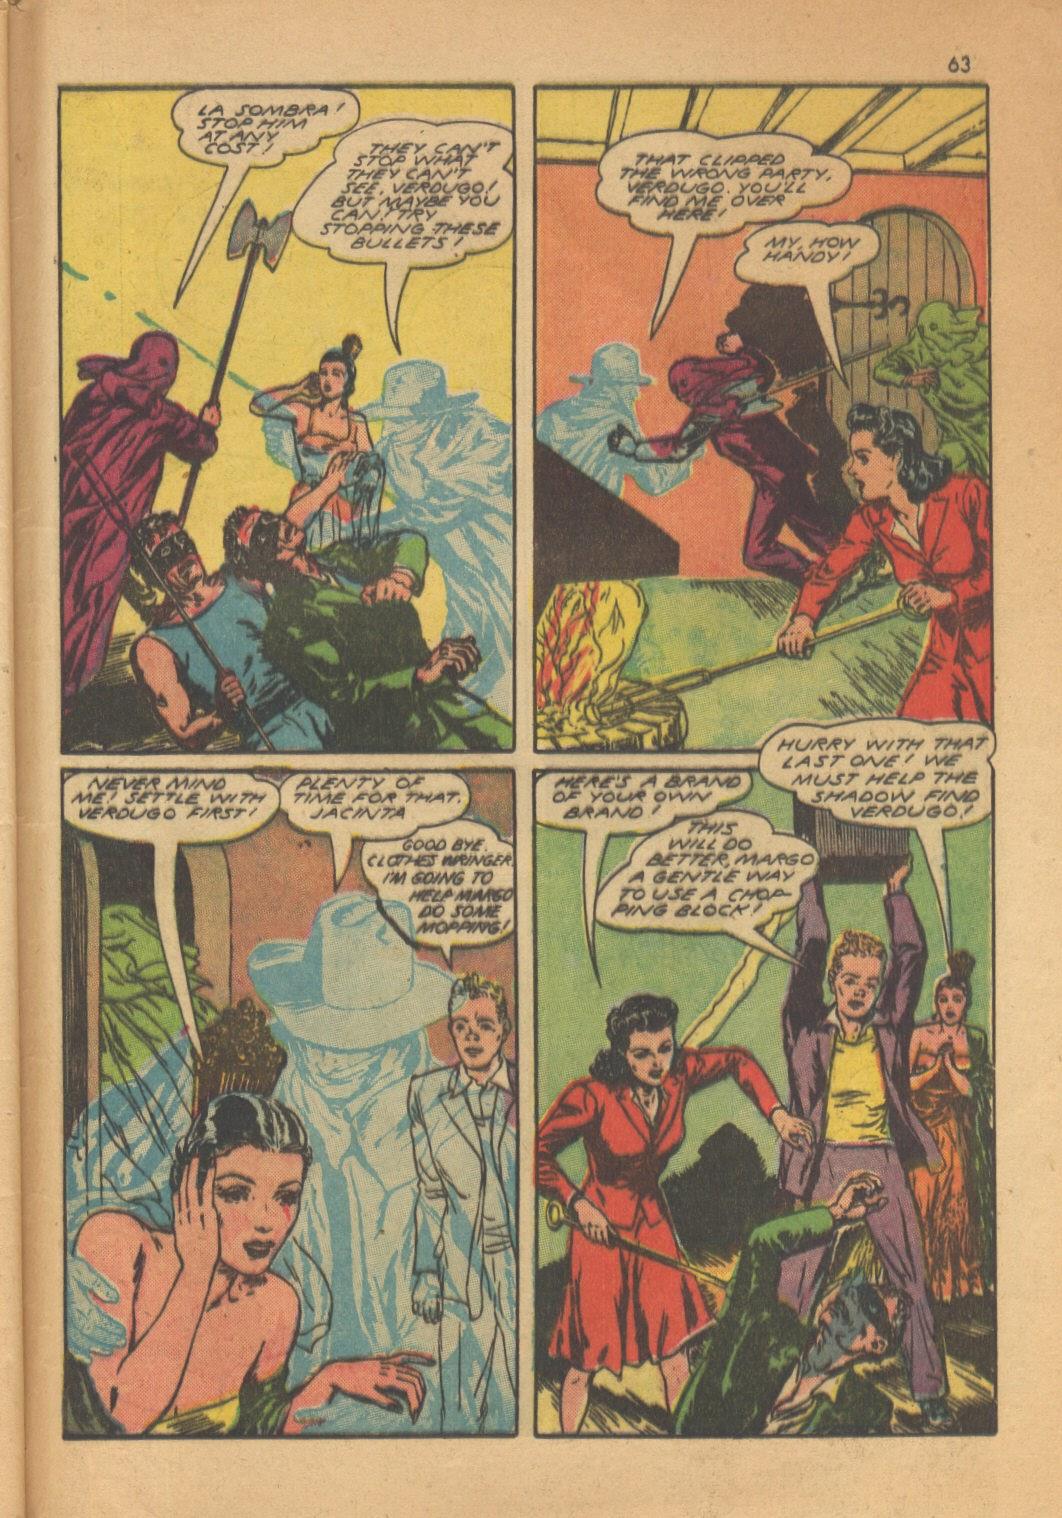 Read online Super-Magician Comics comic -  Issue #13 - 63